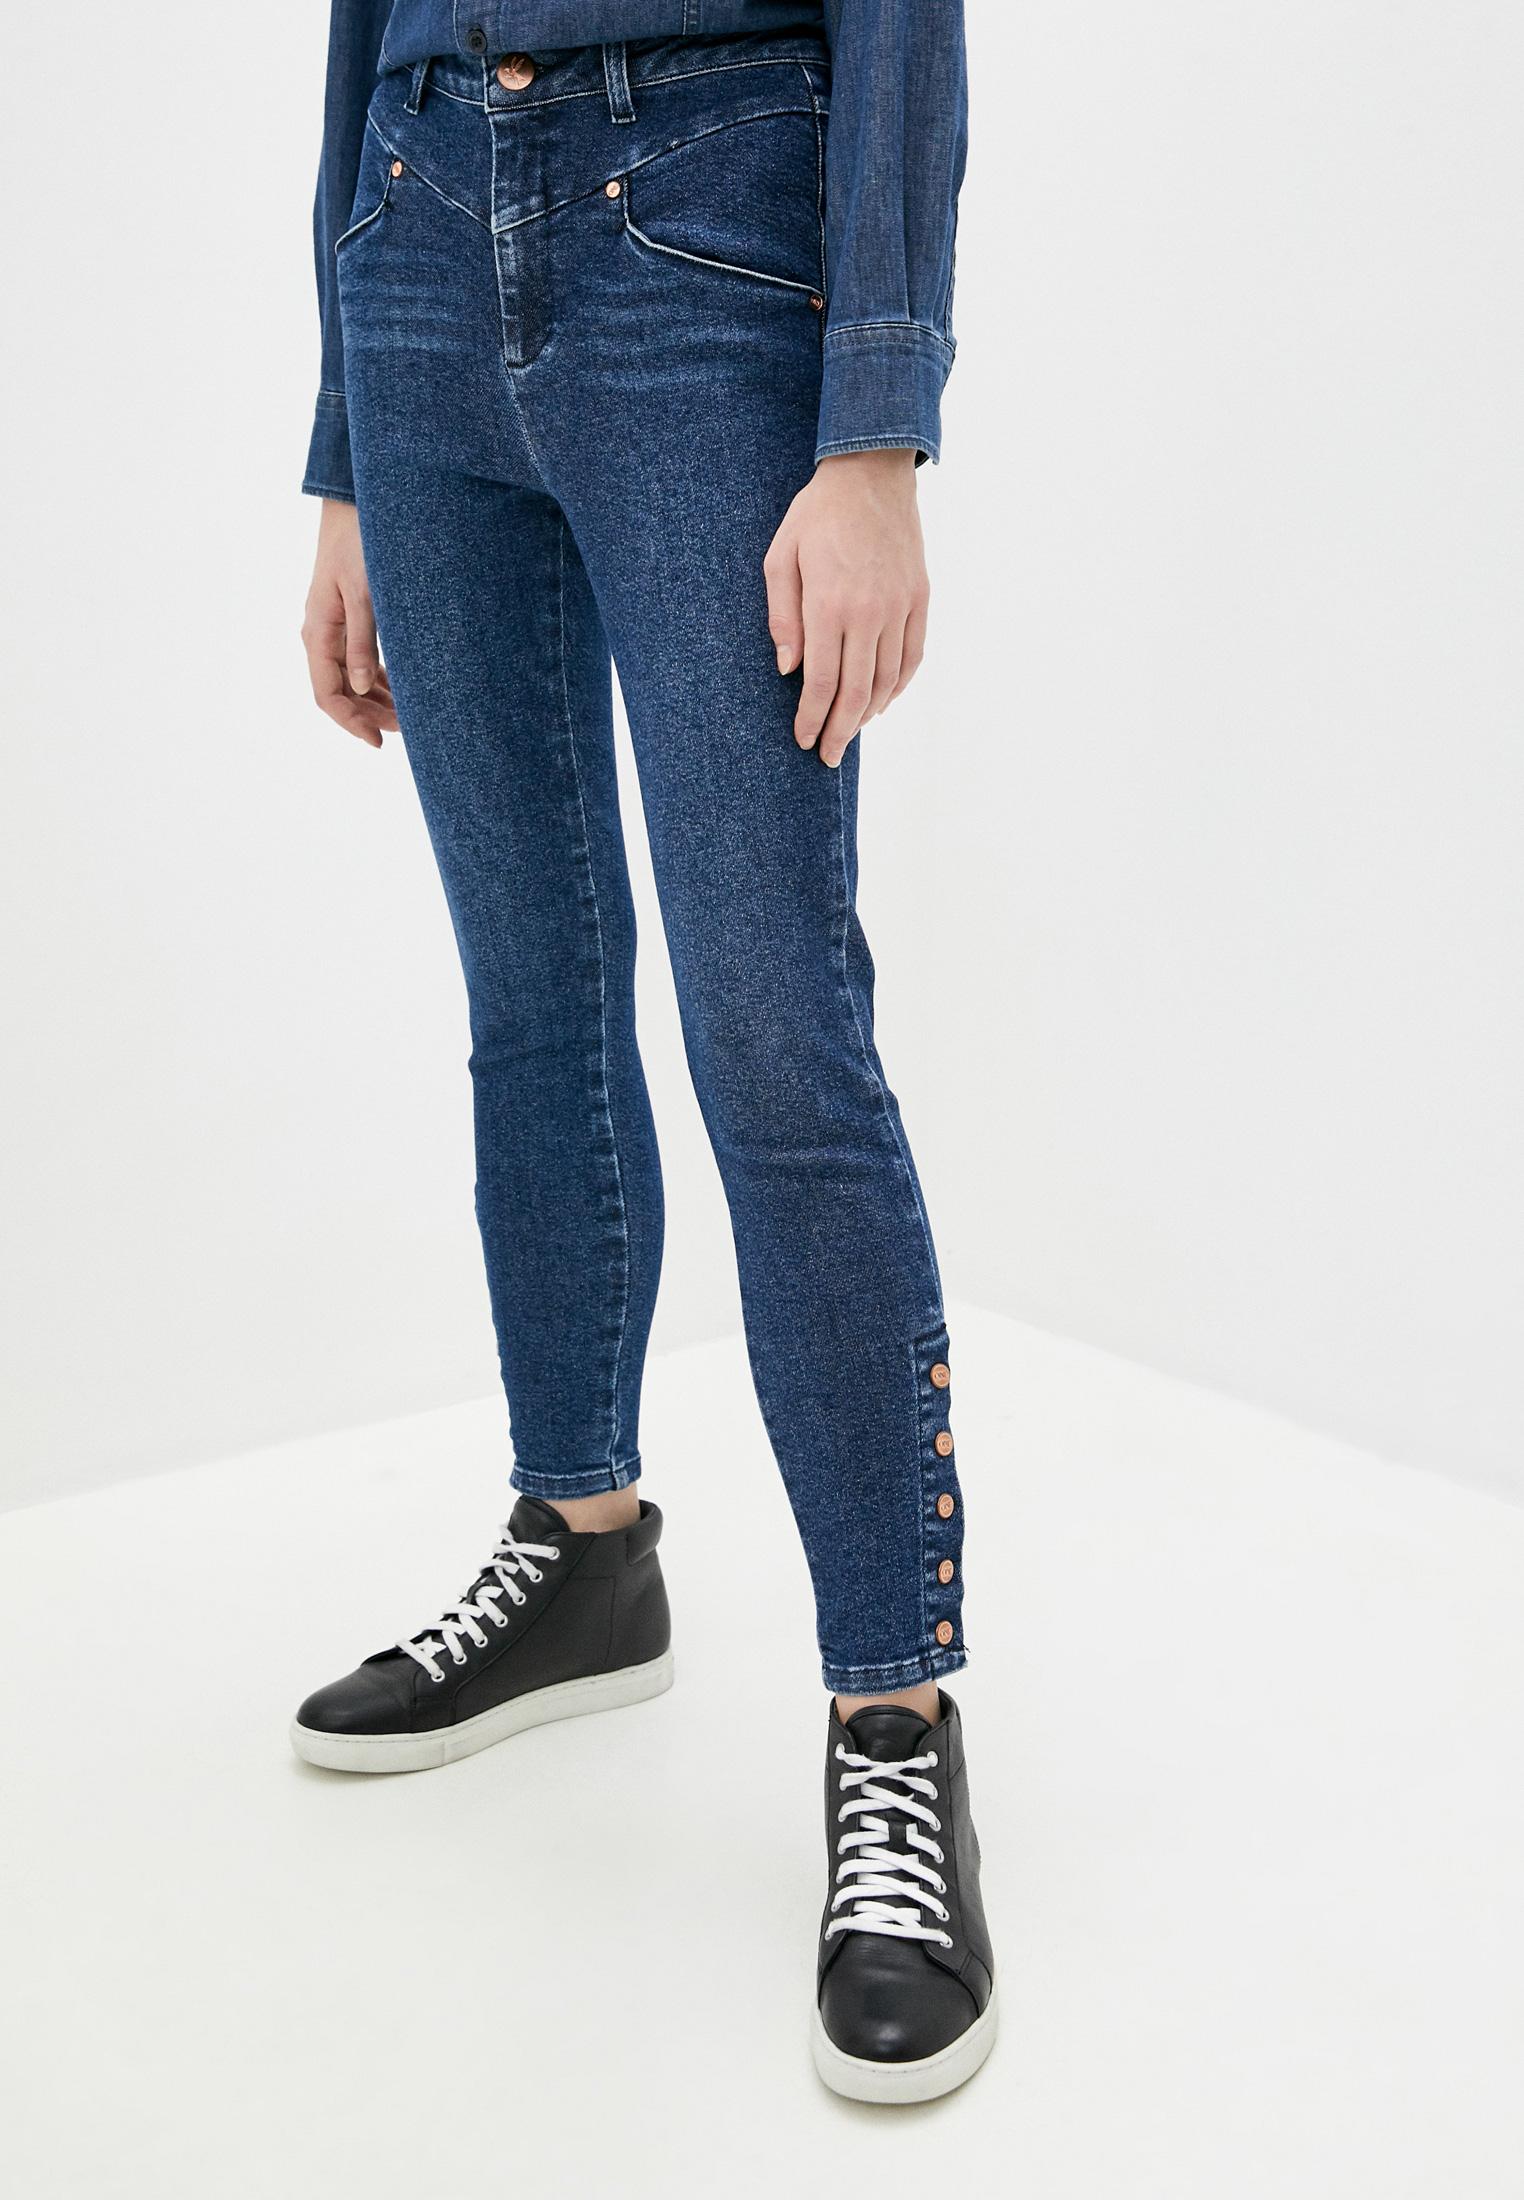 Зауженные джинсы One Teaspoon (Вантиспун) 22602